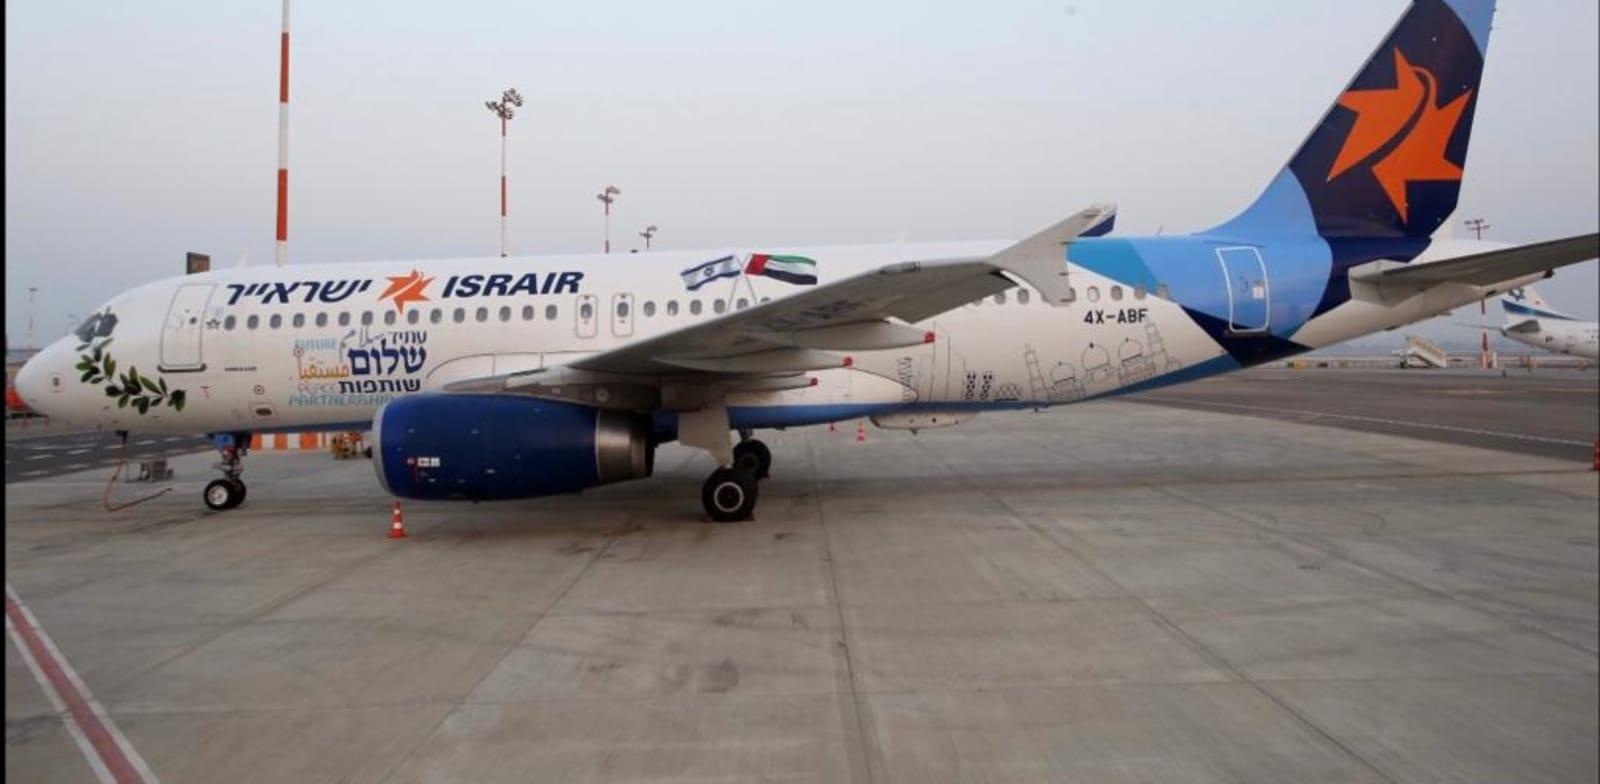 מטוס ישראייר / צילום: סיון פרג'